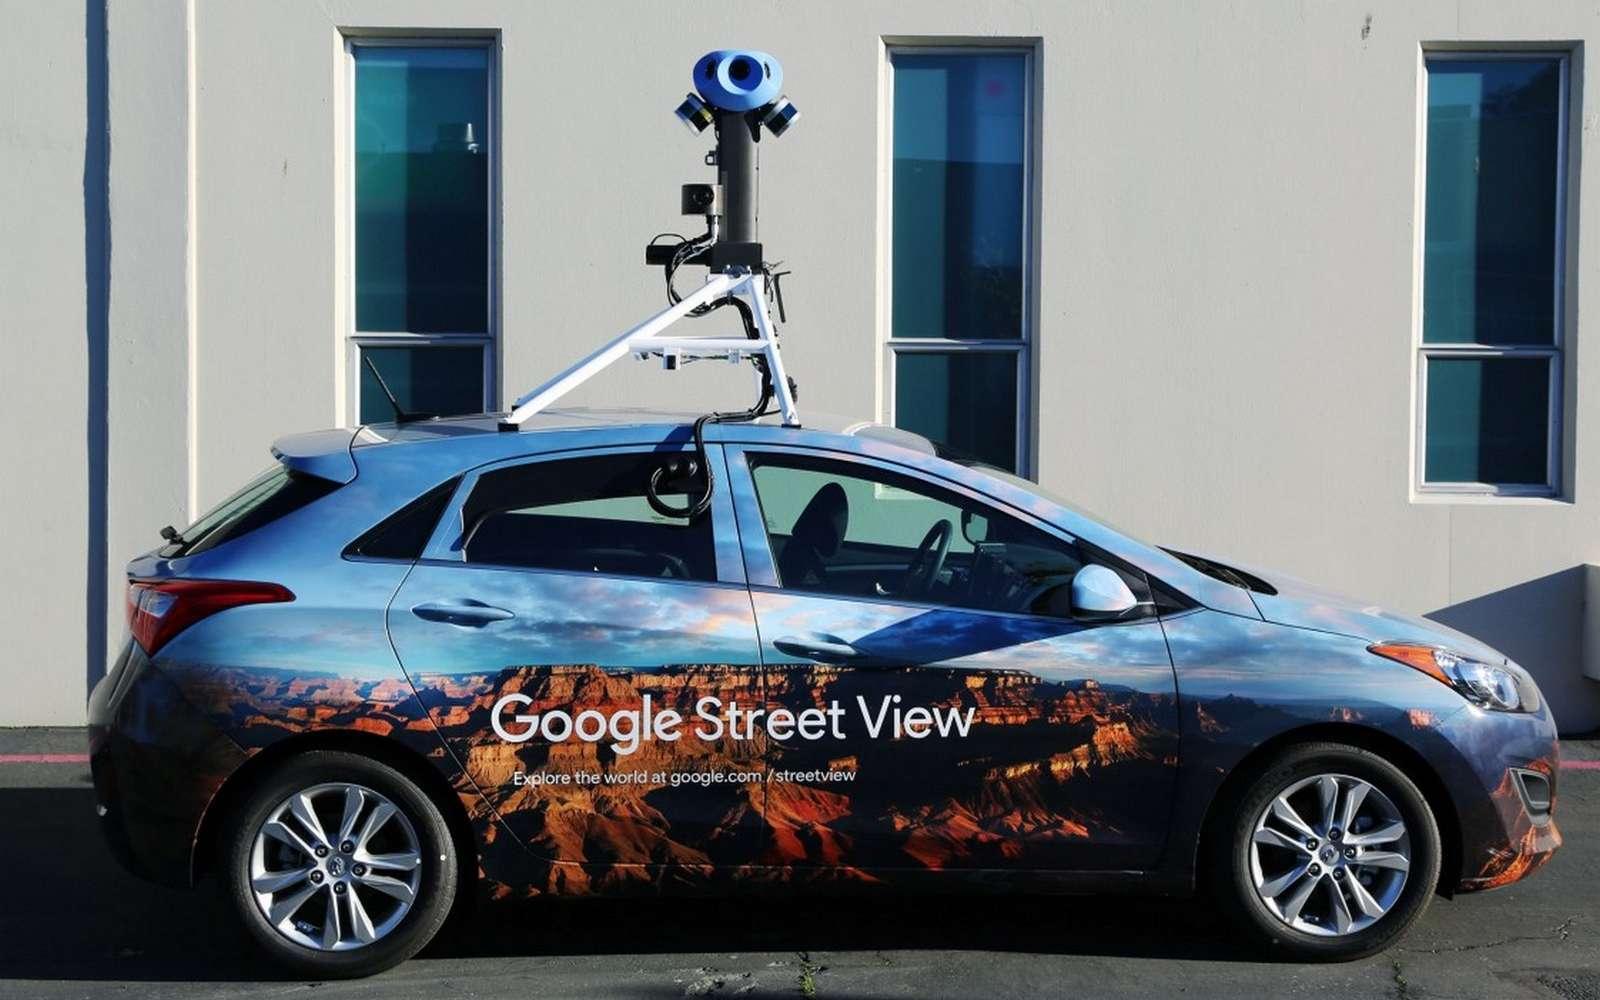 Le nouveau dispositif de capture d'images monté sur les voitures de Google Street View comporte huit caméras. © Google, Wired